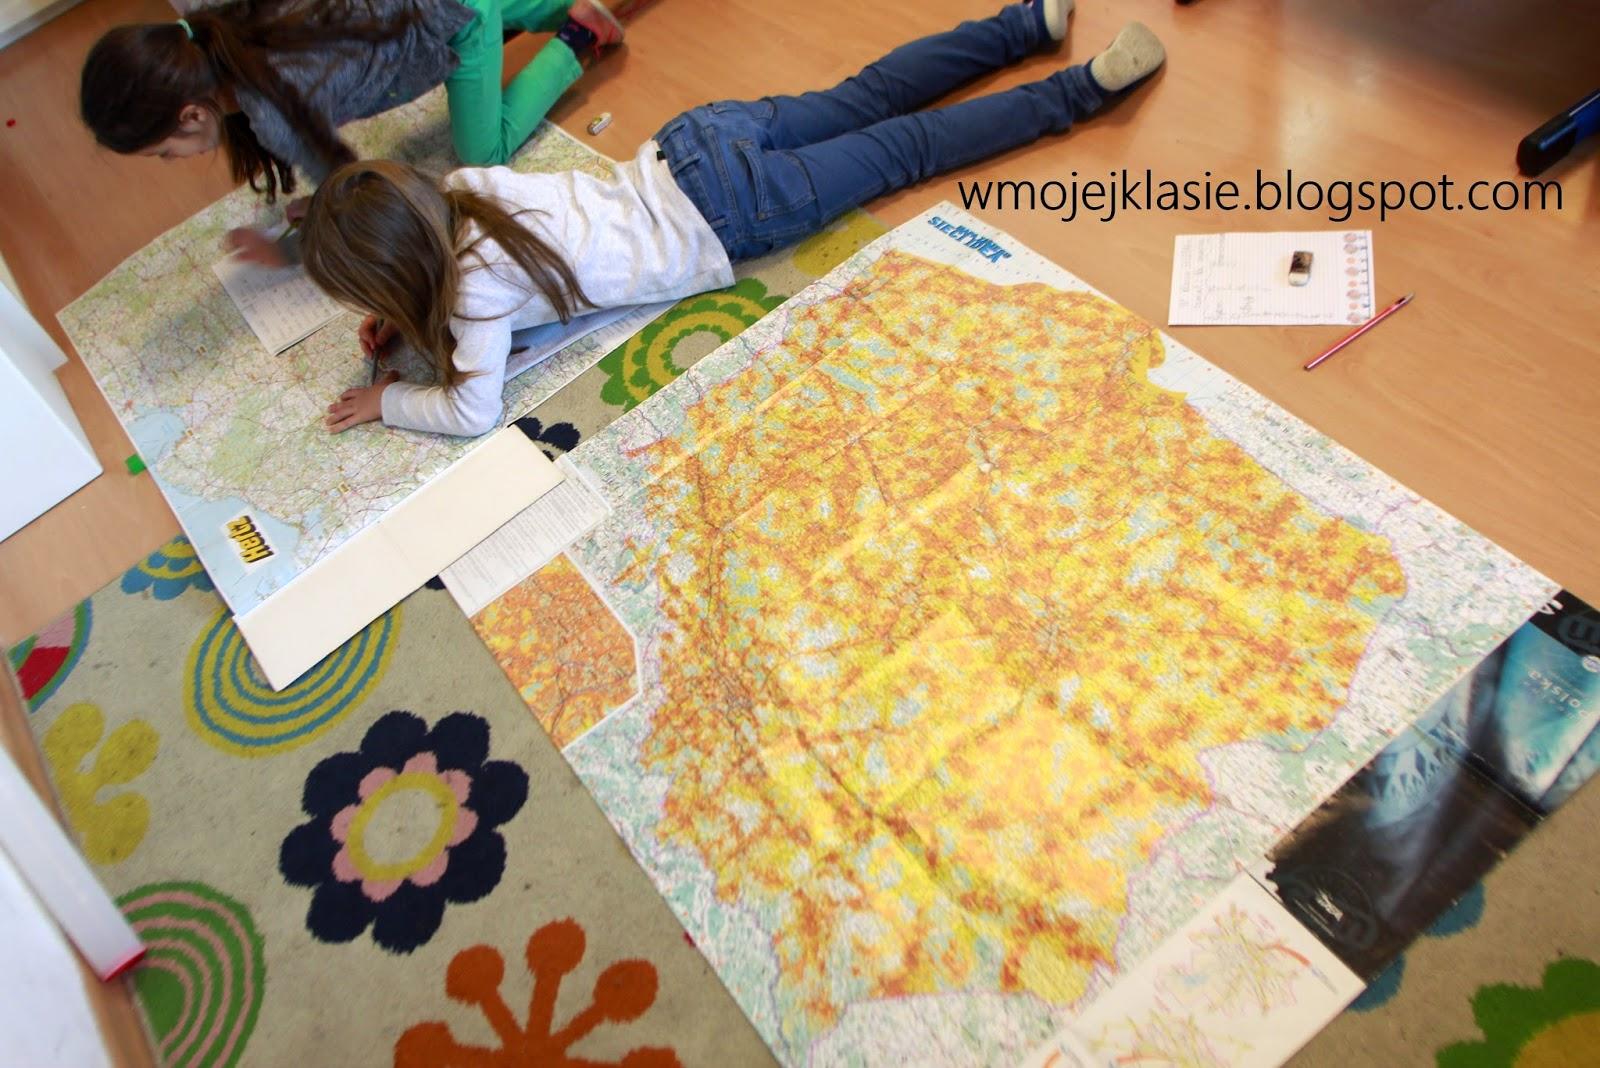 http://wmojejklasie.blogspot.com/2014/11/edukacja-jezykowa-na-mapie.html